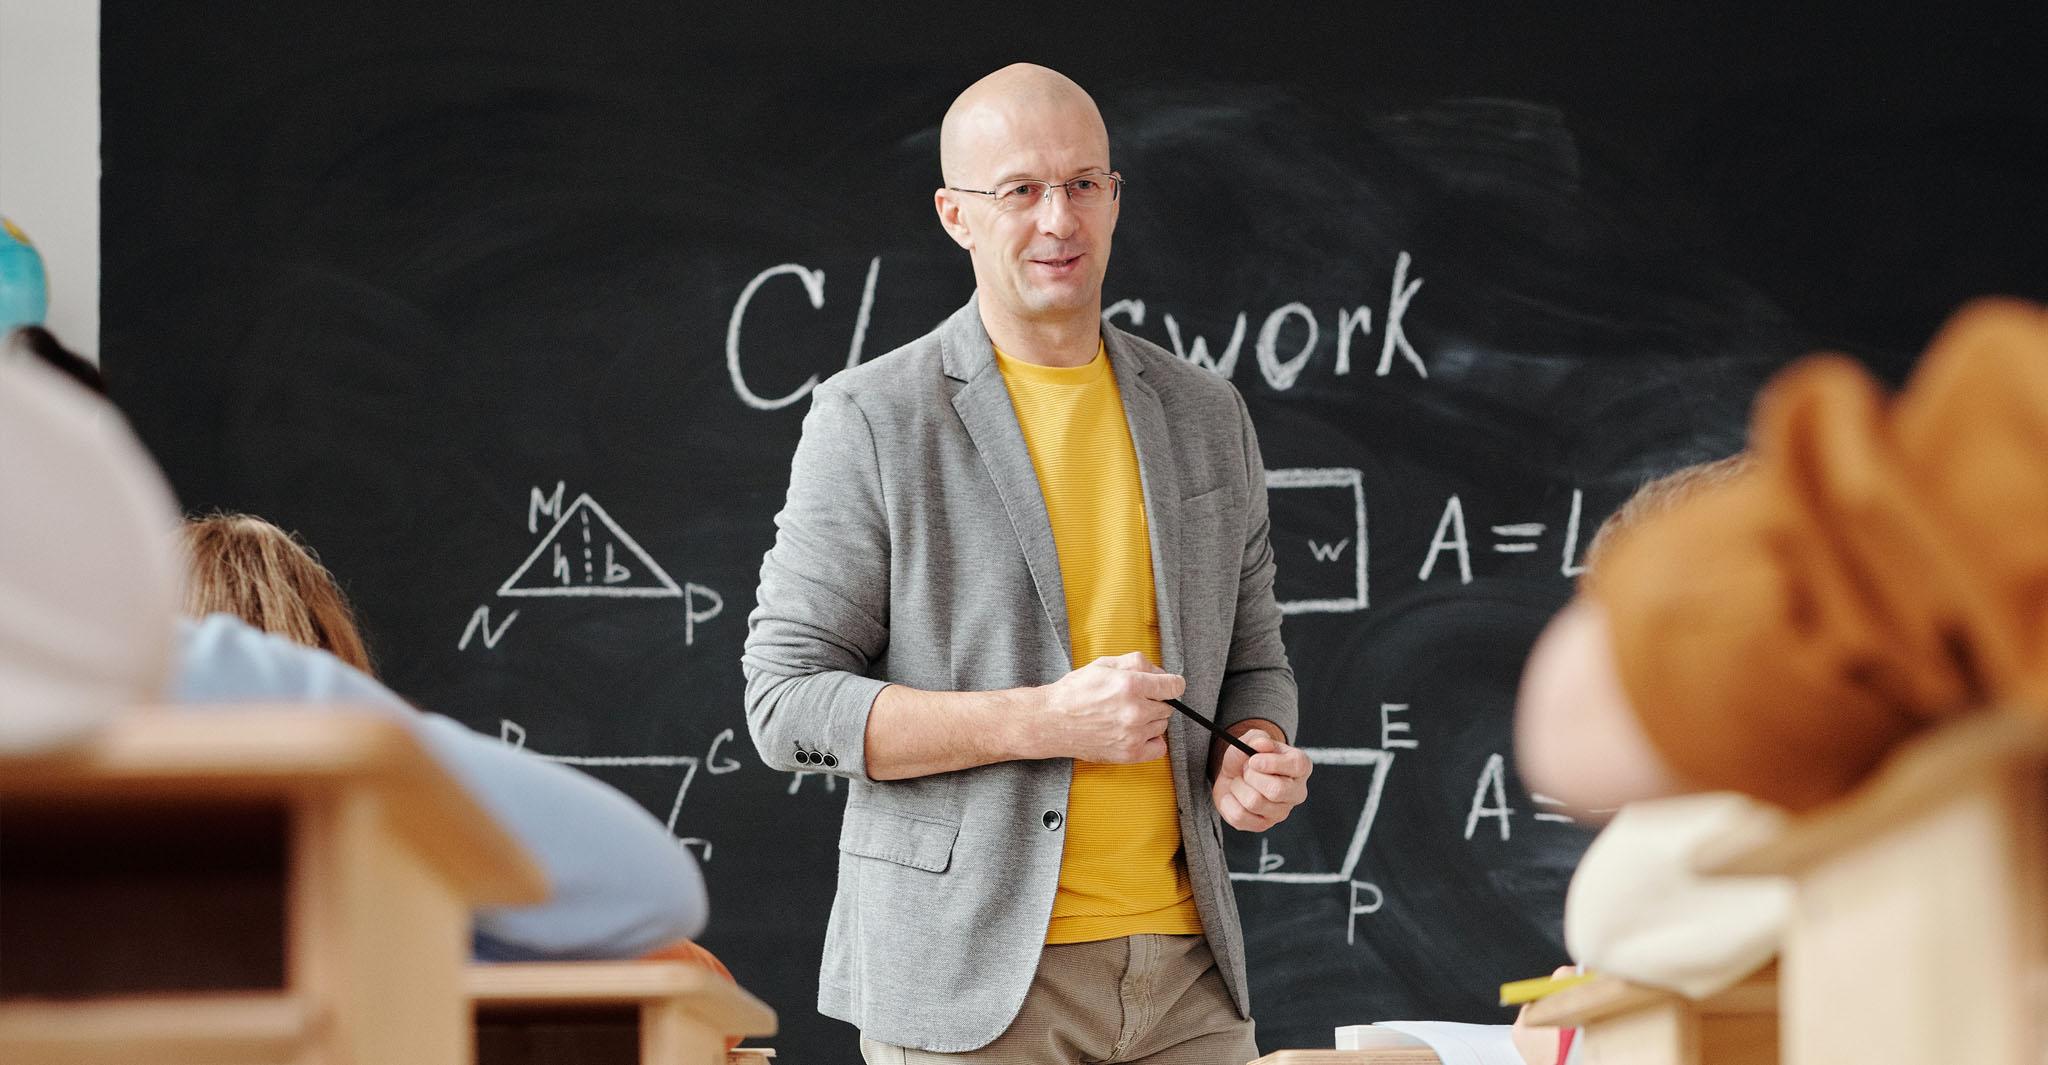 La figura del maestro ai tempi dei social